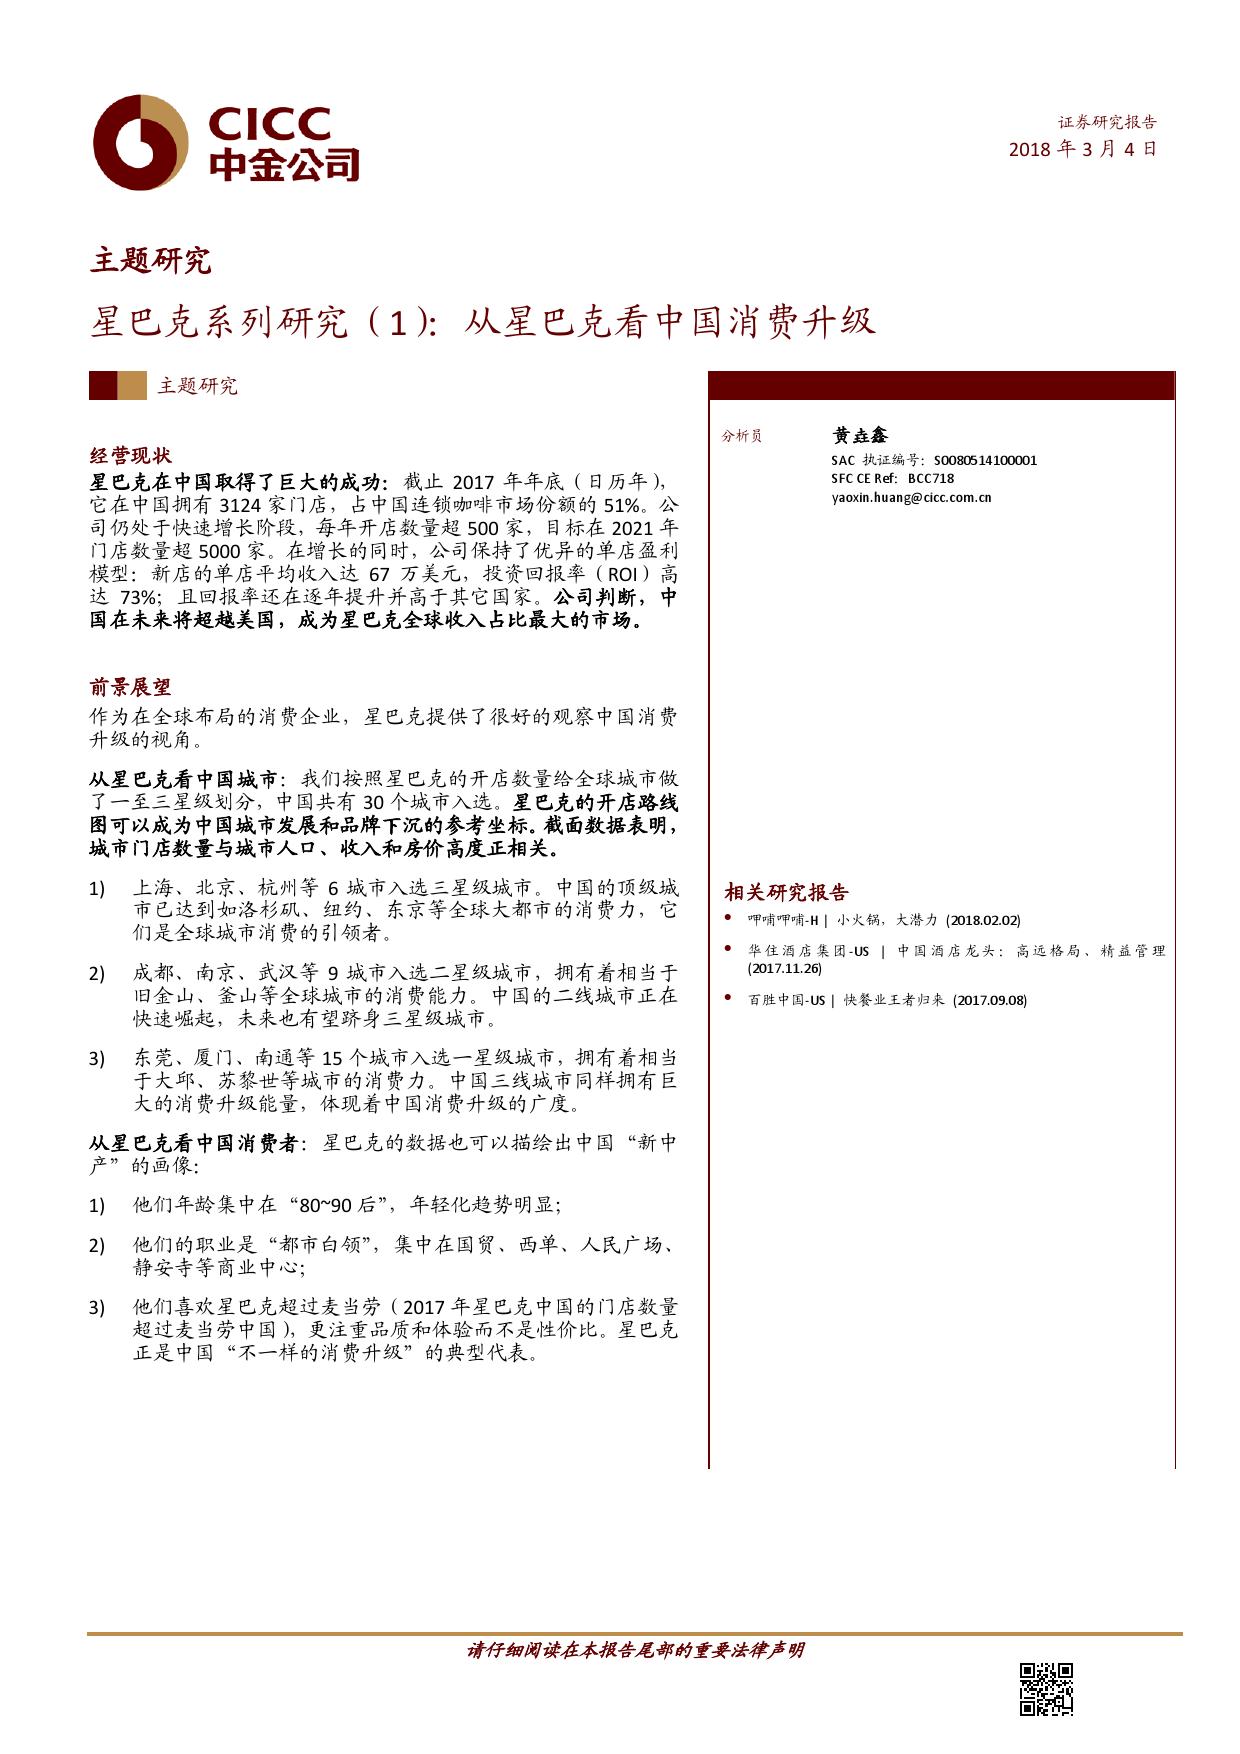 2018星巴克系列研究:从星巴克看中国消费升级(附下载)